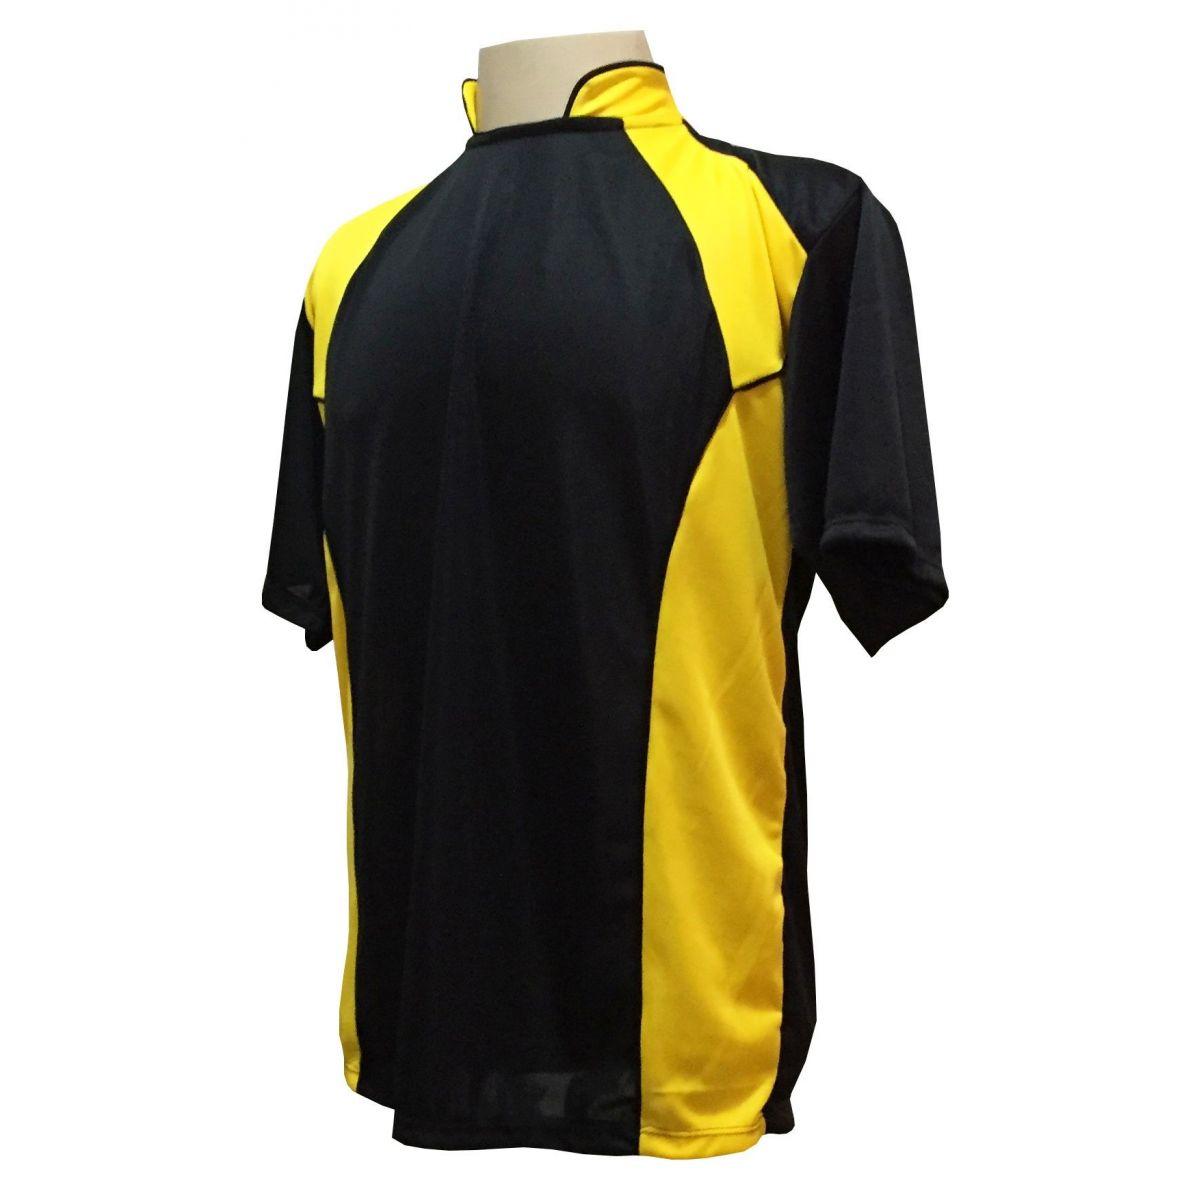 Uniforme Esportivo com 14 camisas modelo Suécia Preto/Amarelo + 14 calções modelo Copa + 1 Goleiro + Brindes